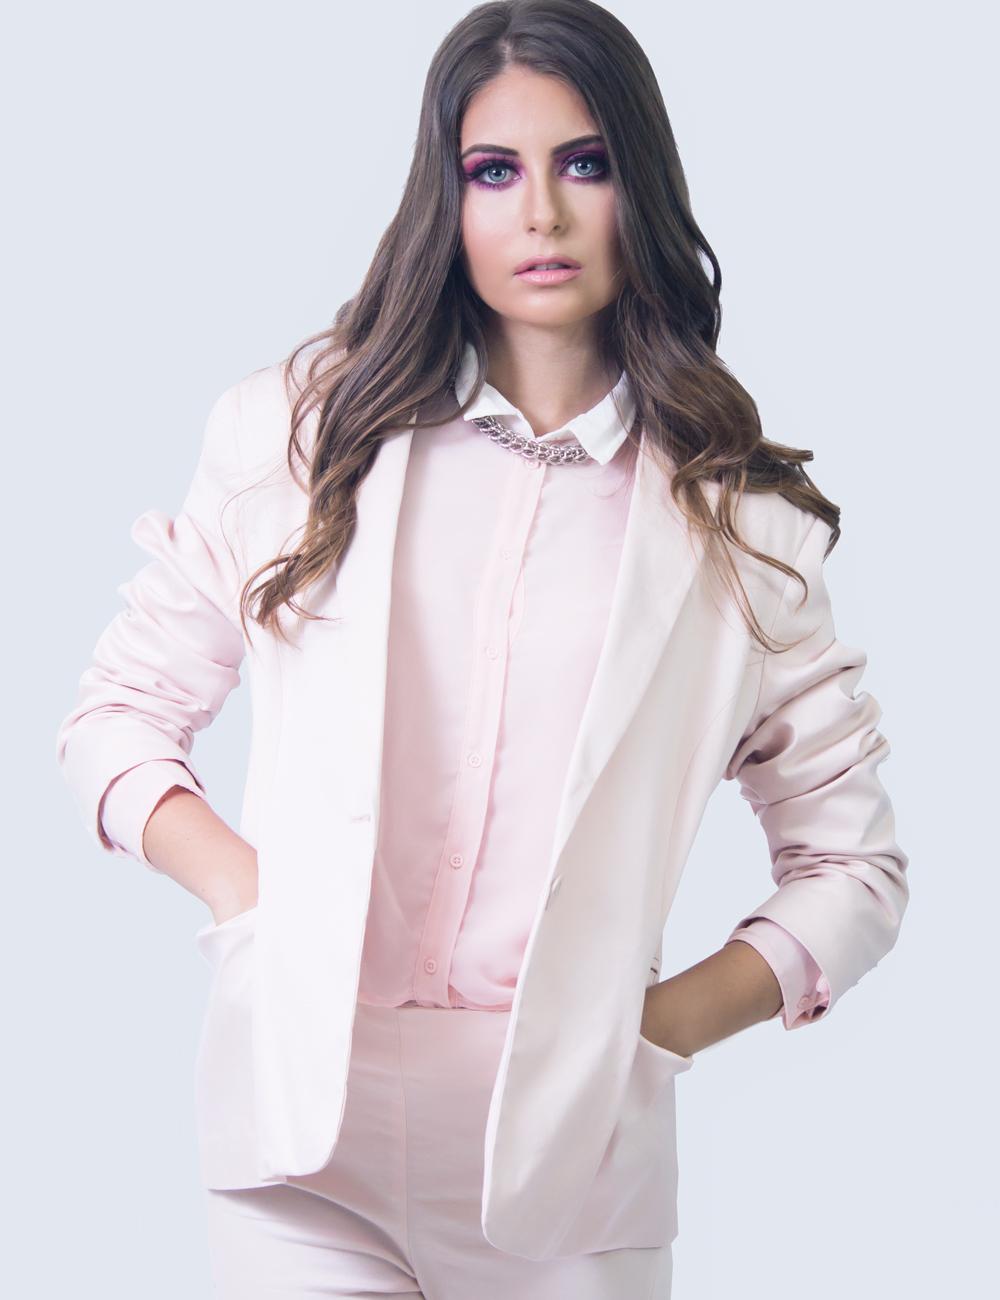 fashion for a couse moda jose vargas noe pantano mcb estudio revista estila moda rosado cancer de mama octubre modelos